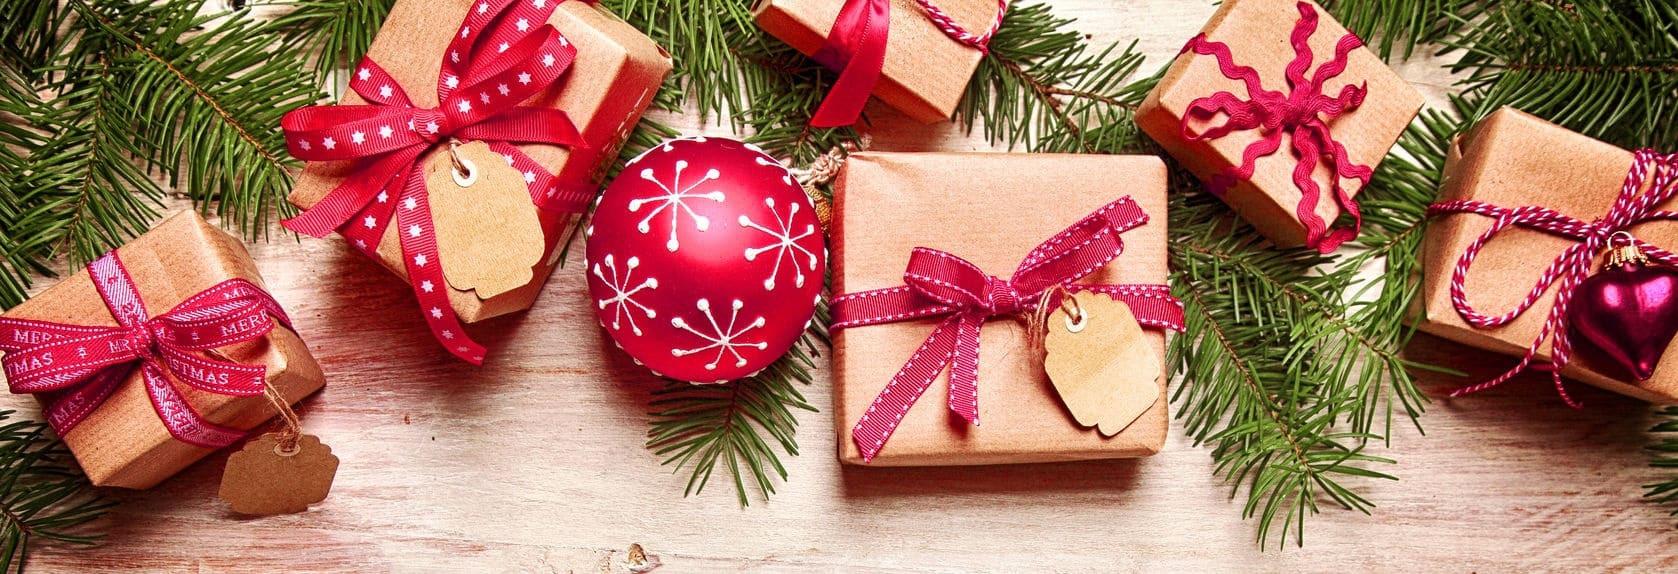 Weihnachten Geschenke  Gin Geschenke Gin Geschenkideen zu Weihnachten